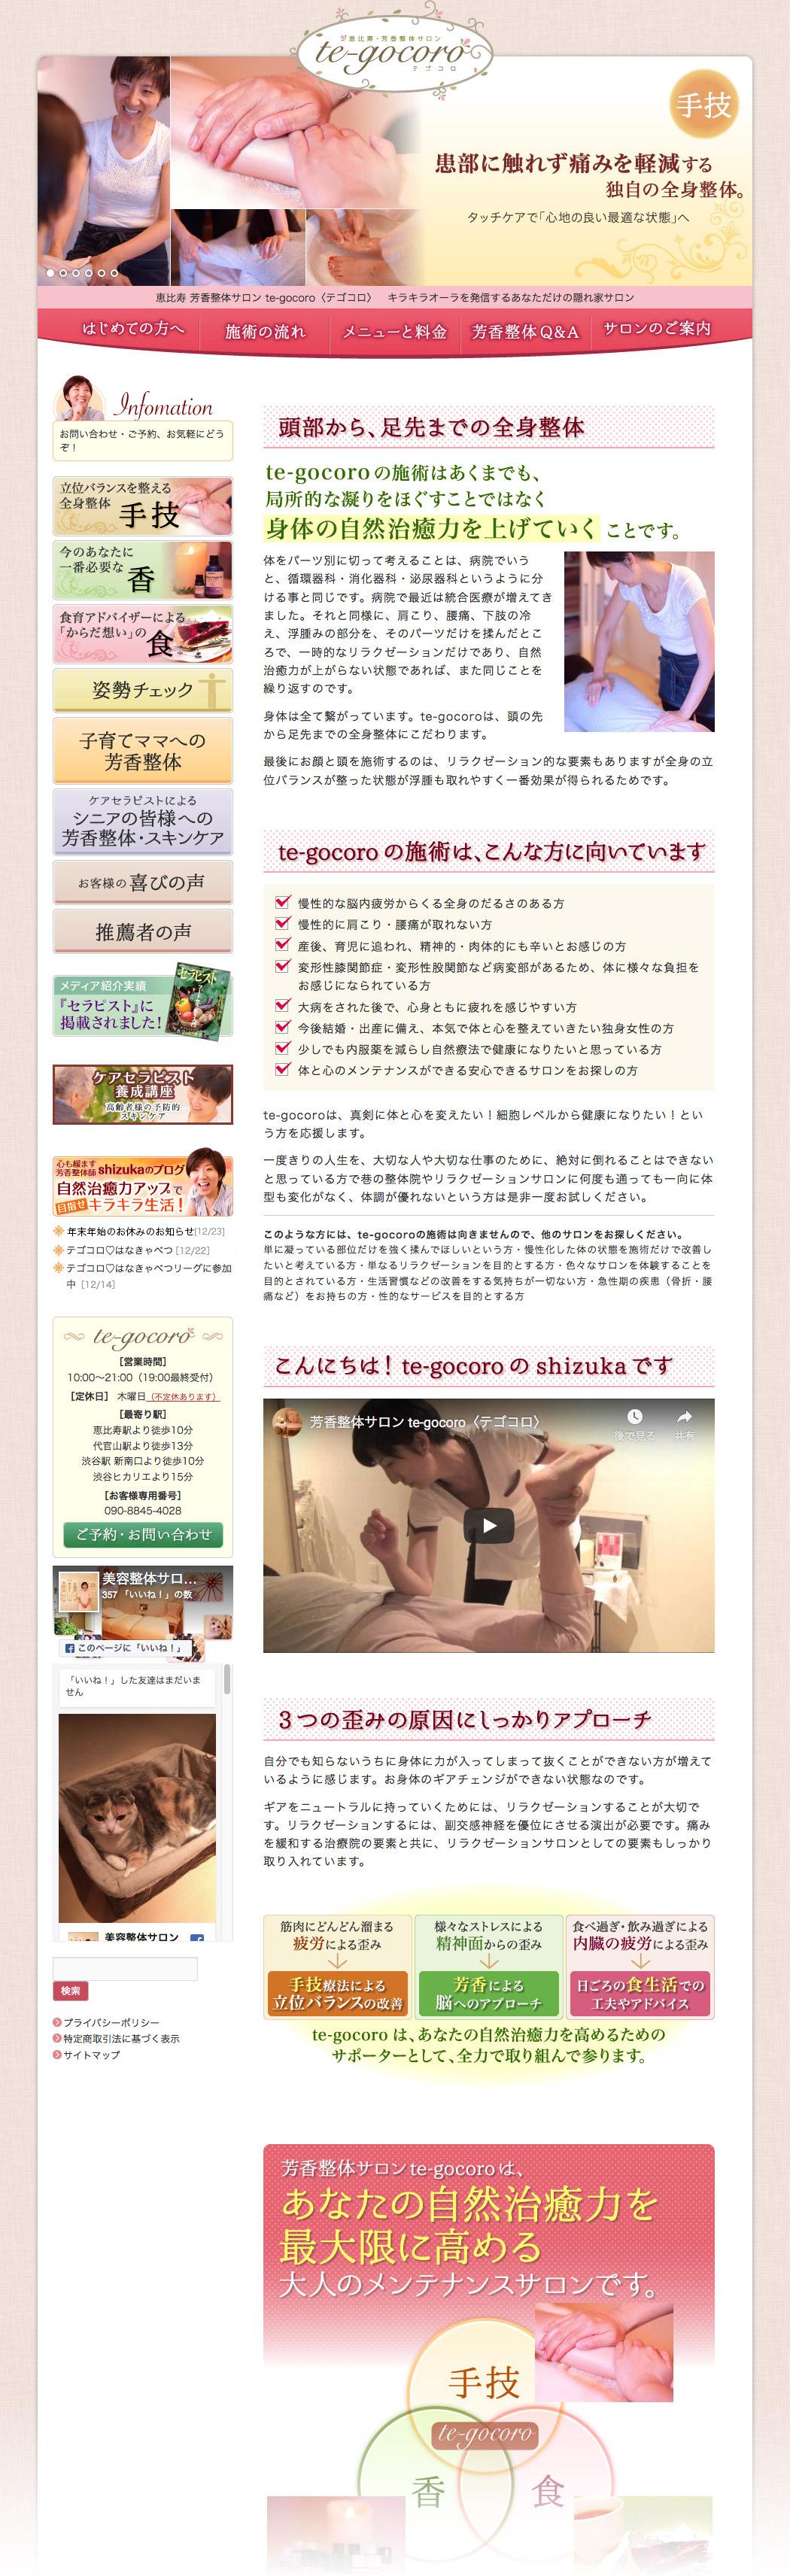 tegocoro様web1